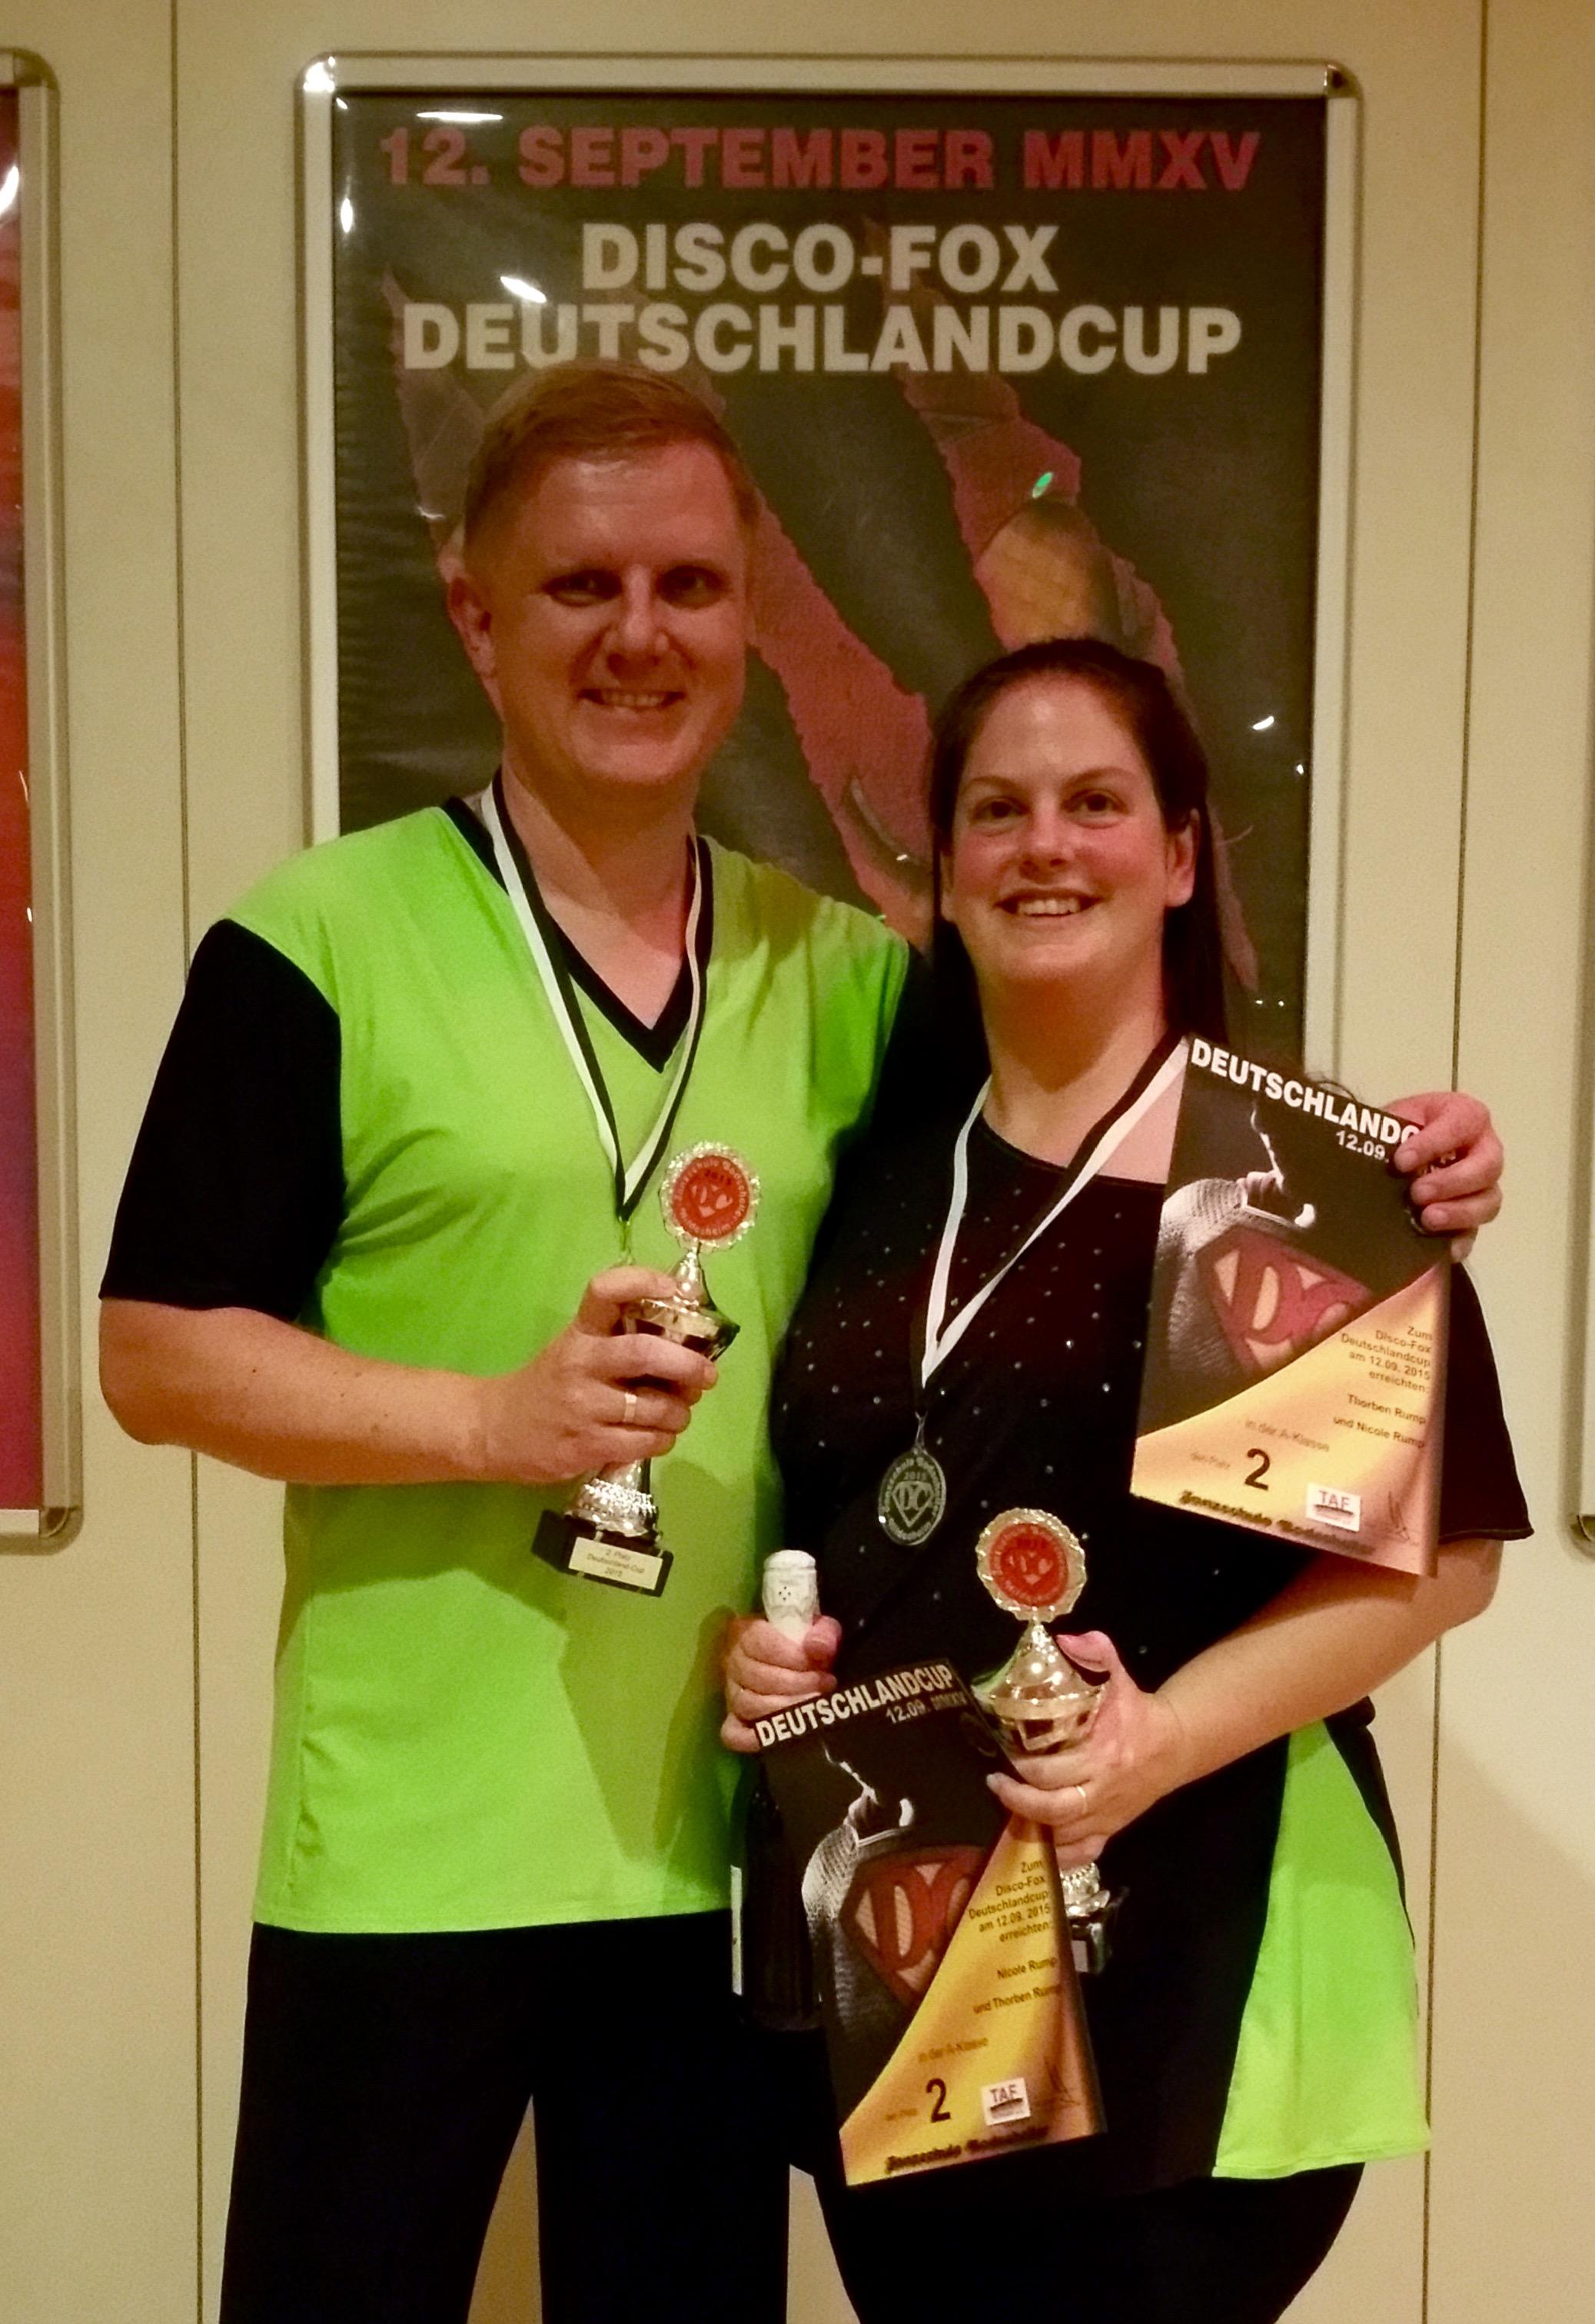 2. Platz beim Deutschlandcup in Hildesheim